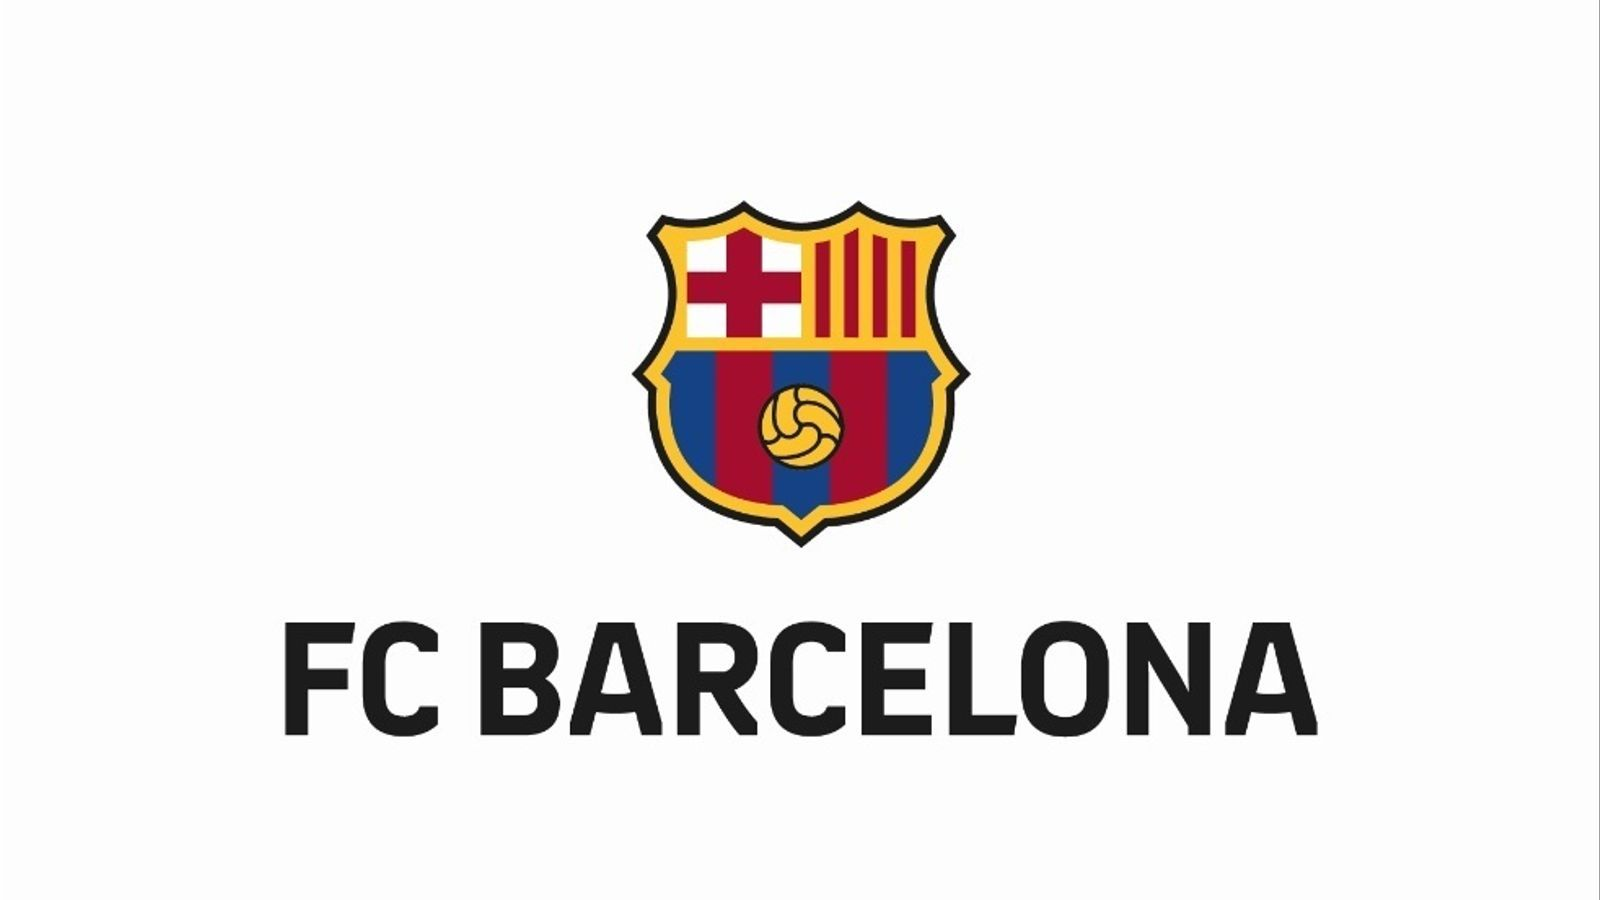 Evolució de l'escut del Barça